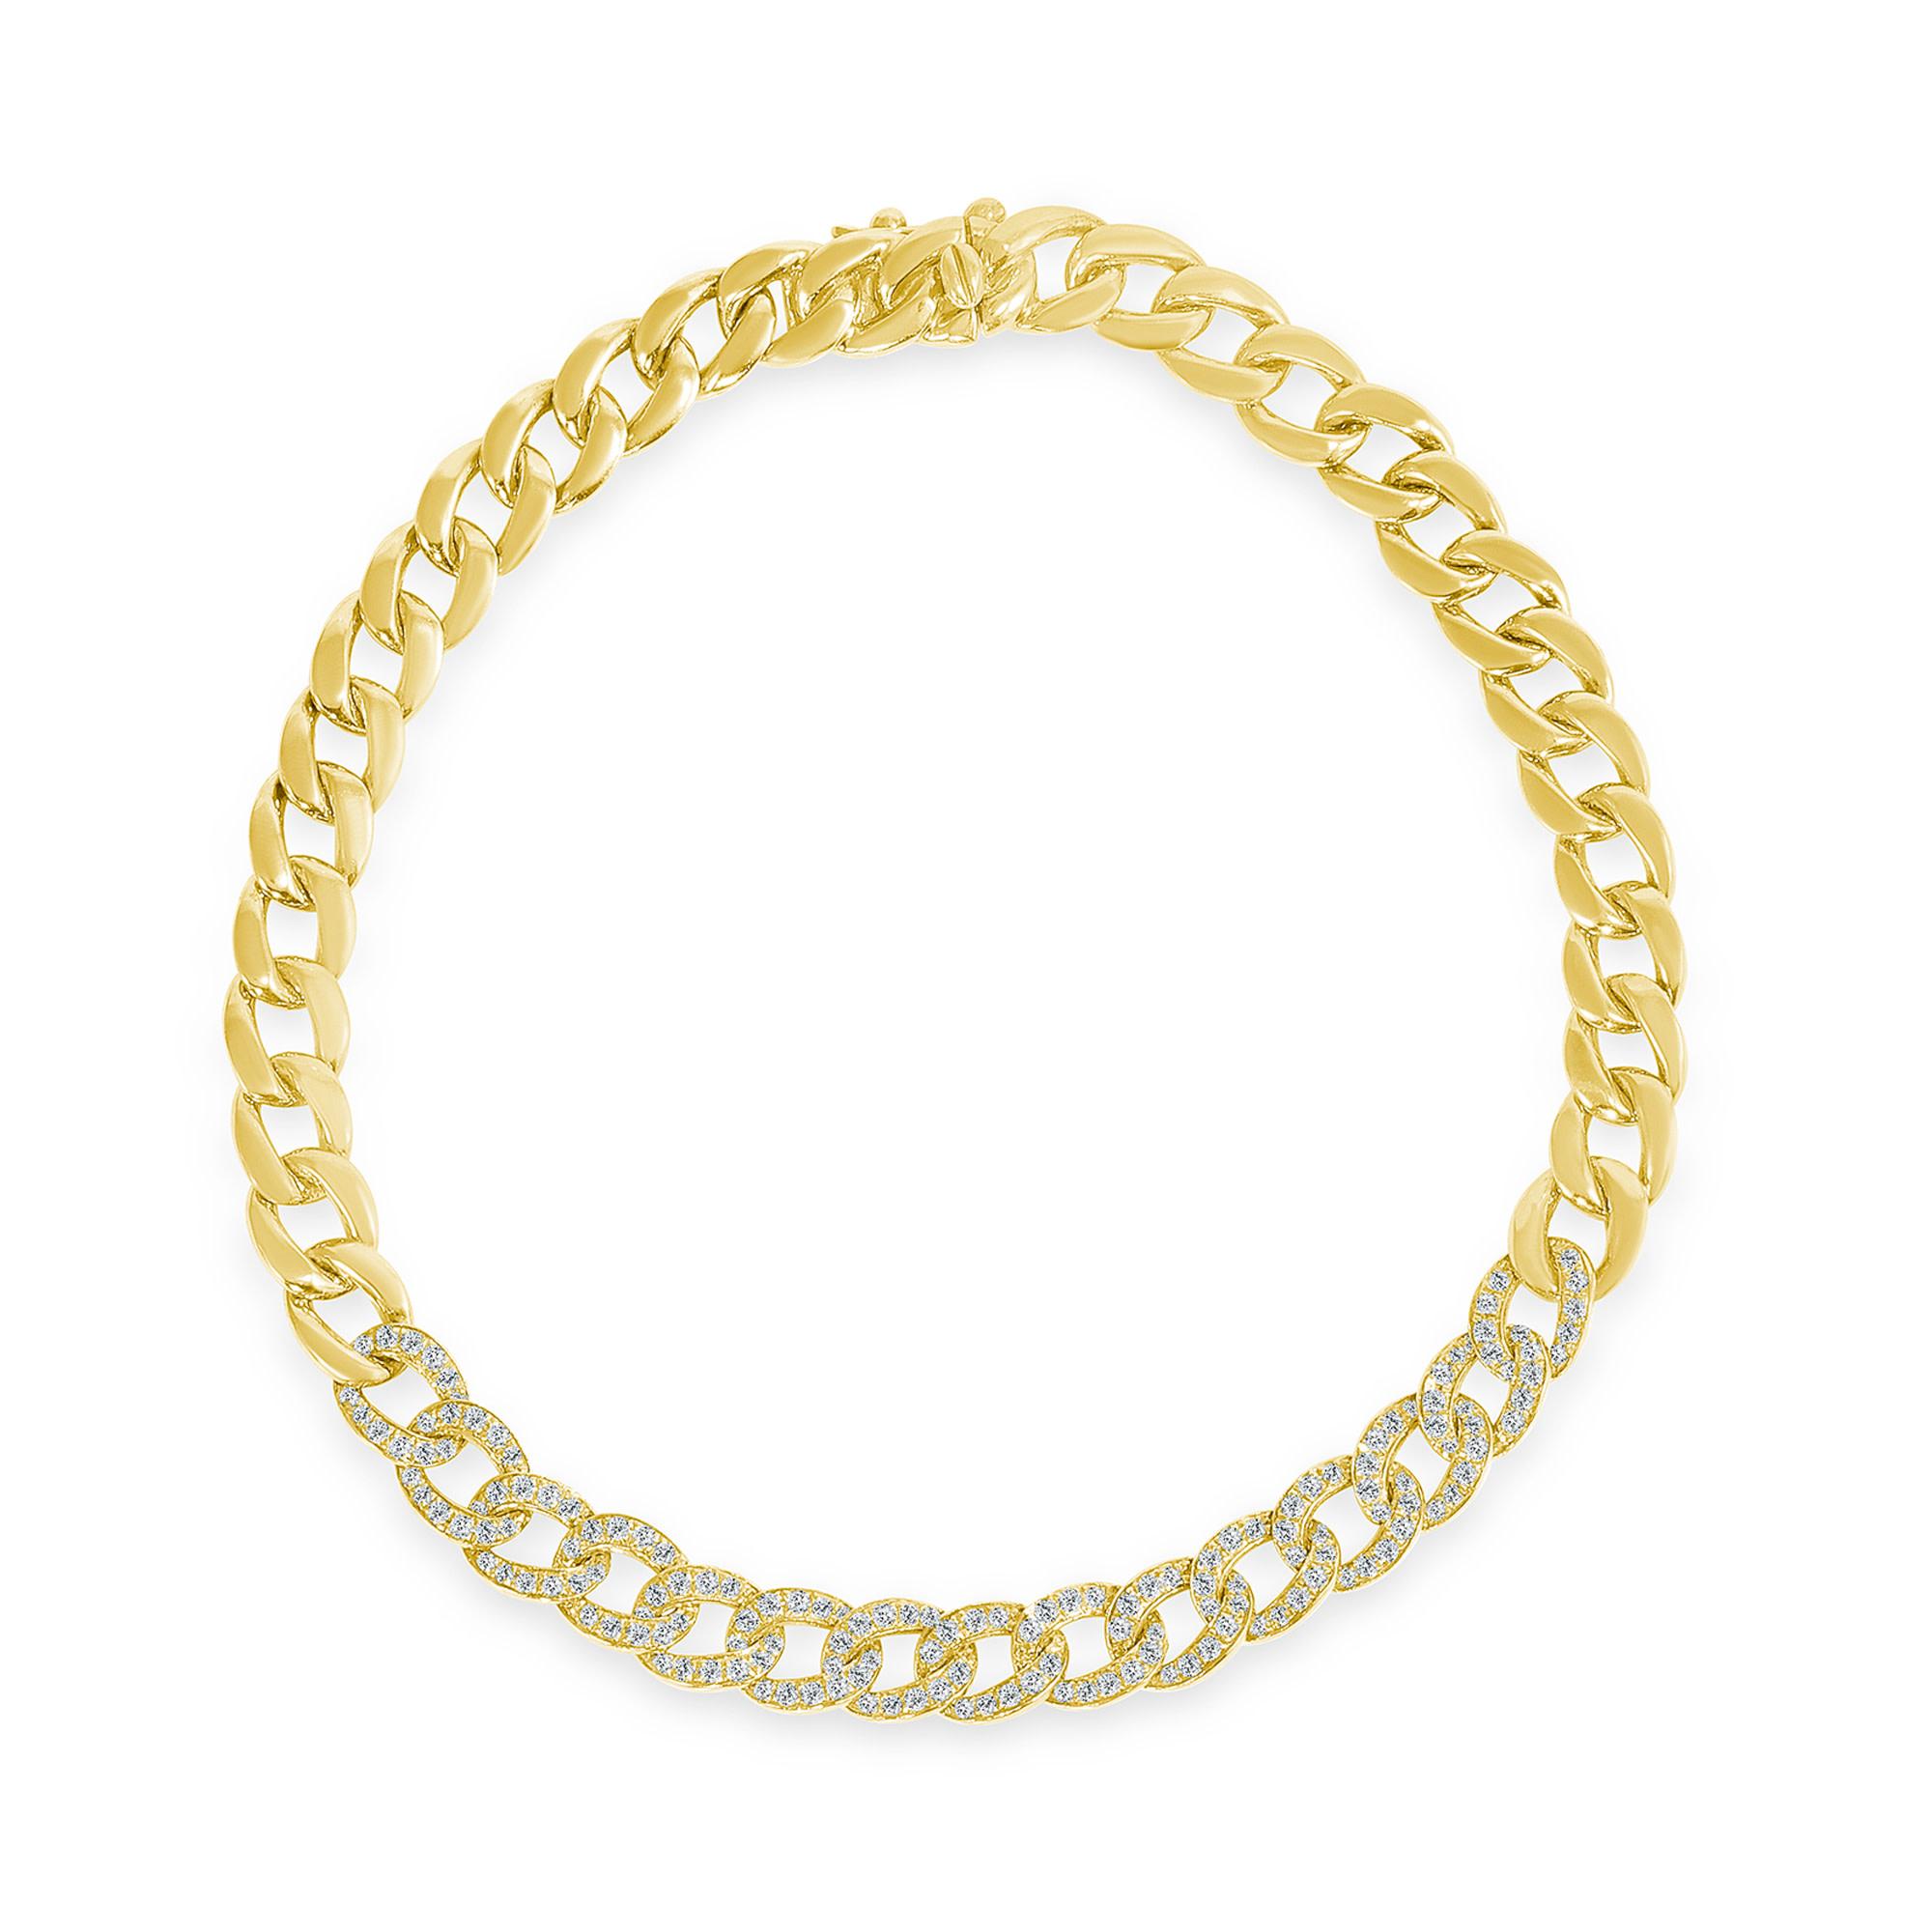 Diamong chain link bracelet gold